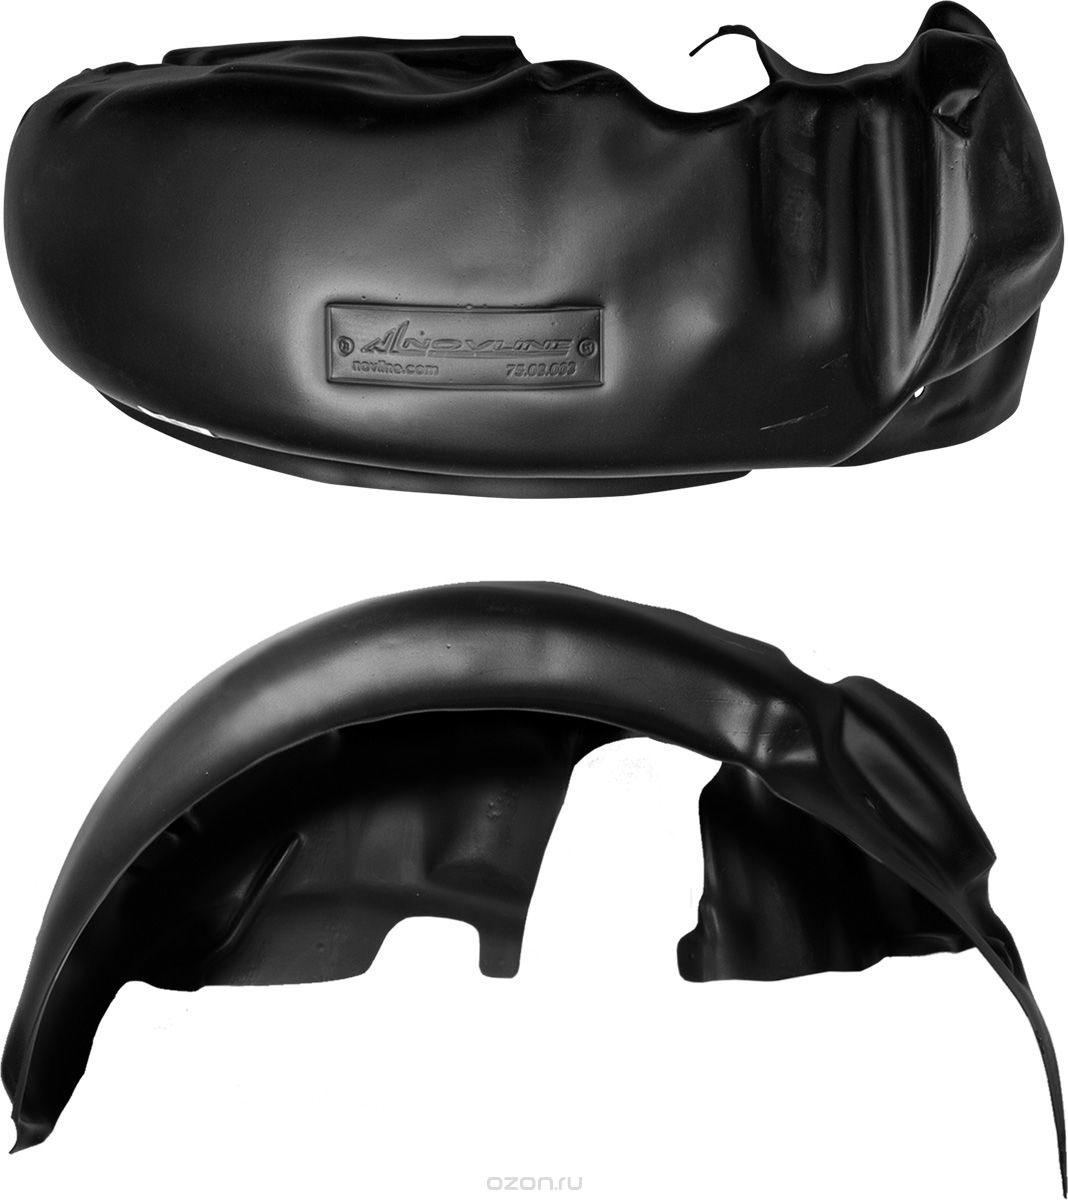 Подкрылок Novline-Autofamily, для FIAT FullBack, 2016->, задний левый234100Идеальная защита колесной ниши. Локеры разработаны с применением цифровых технологий, гарантируют максимальную повторяемость поверхности арки. Изделия устанавливаются без нарушения лакокрасочного покрытия автомобиля, каждый подкрылок комплектуется крепежом. Уважаемые клиенты, обращаем ваше внимание, что фотографии на подкрылки универсальные и не отражают реальную форму изделия. При этом само изделие идет точно под размер указанного автомобиля.